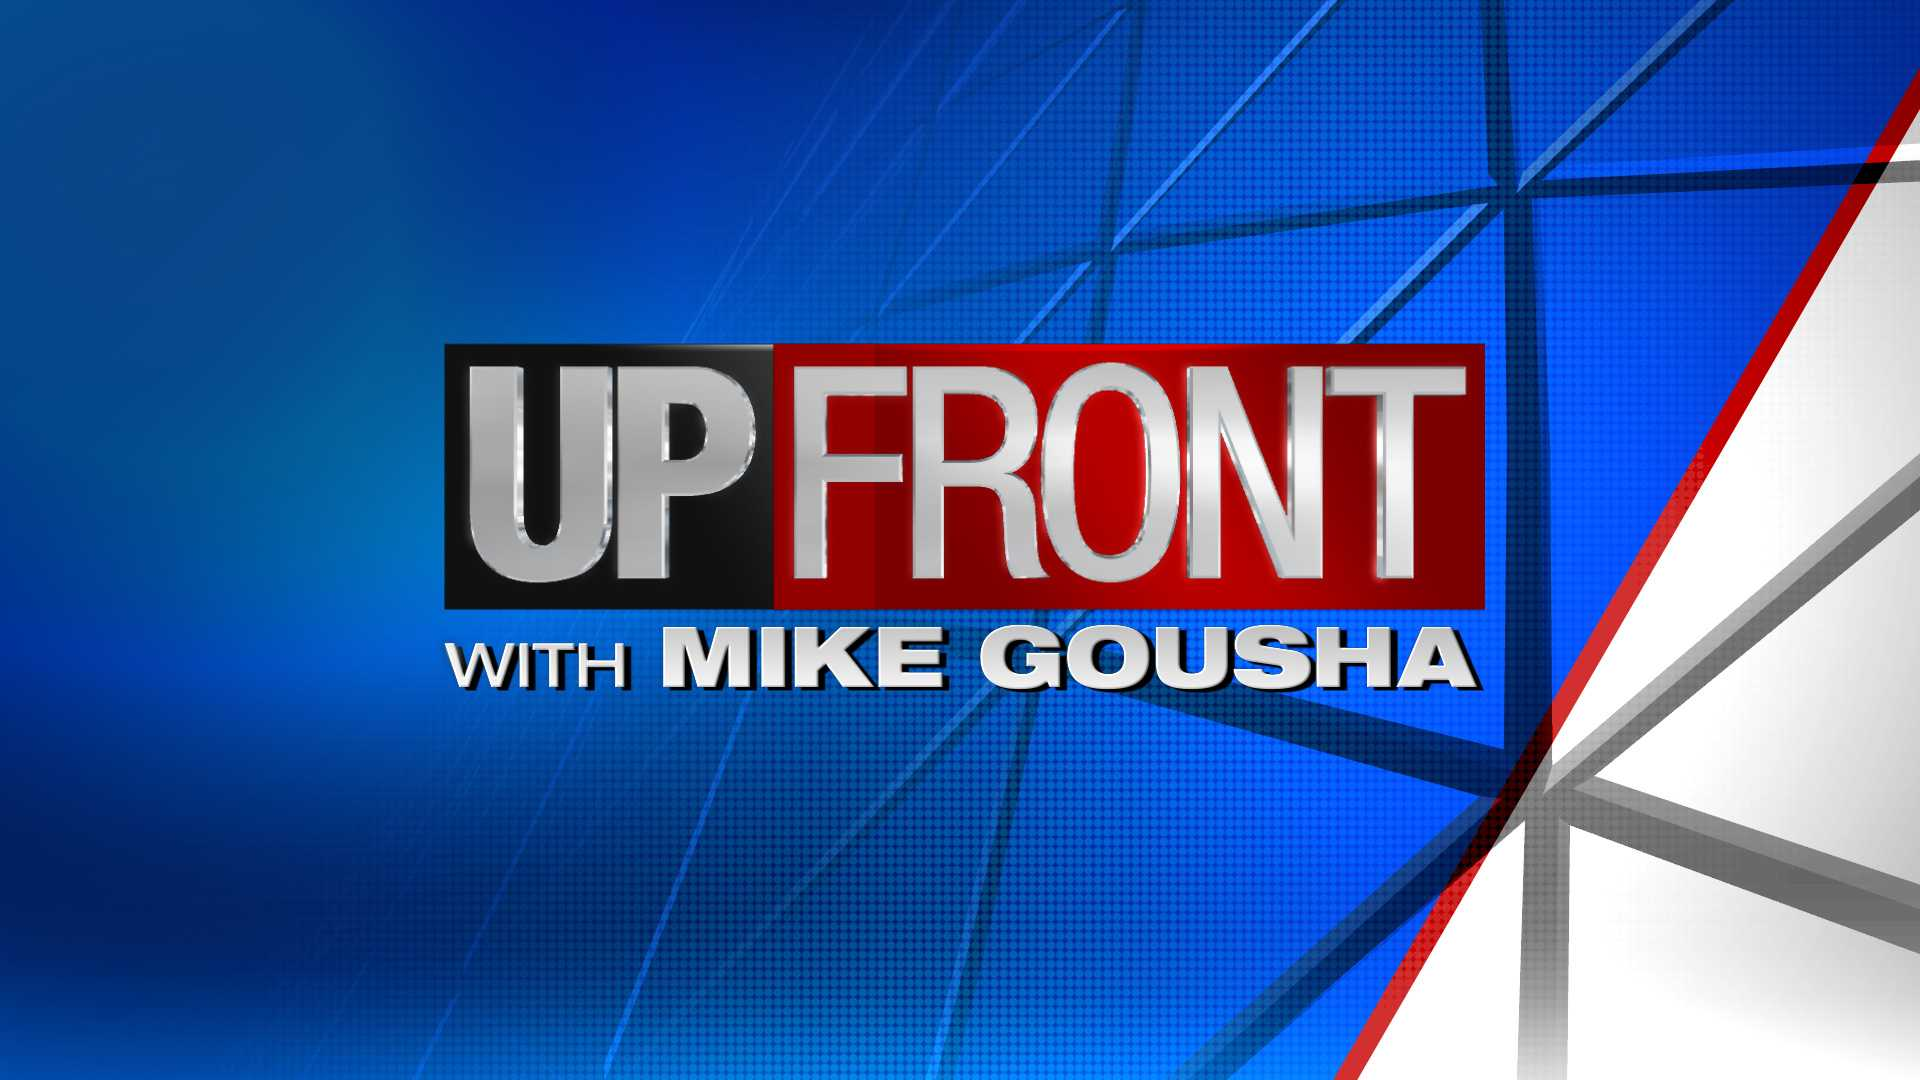 UPFRONT with Mike Gousha